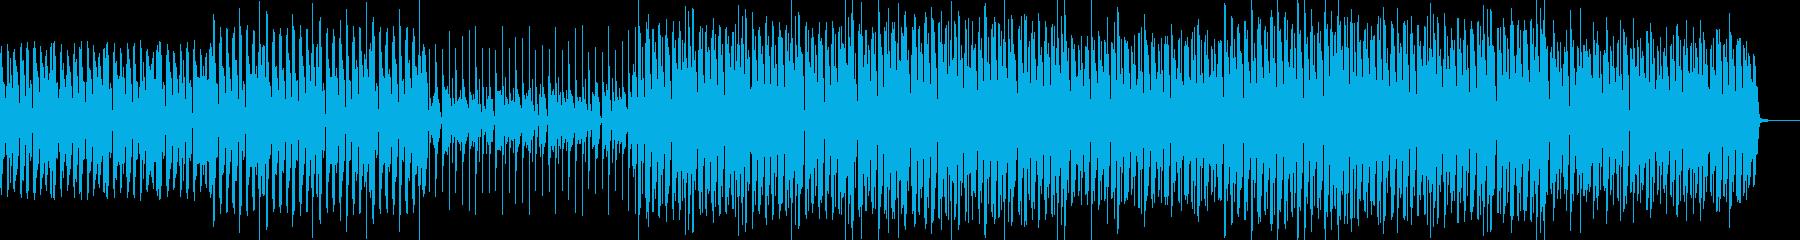 アツいピアノハウス ピアノ/リードソロの再生済みの波形